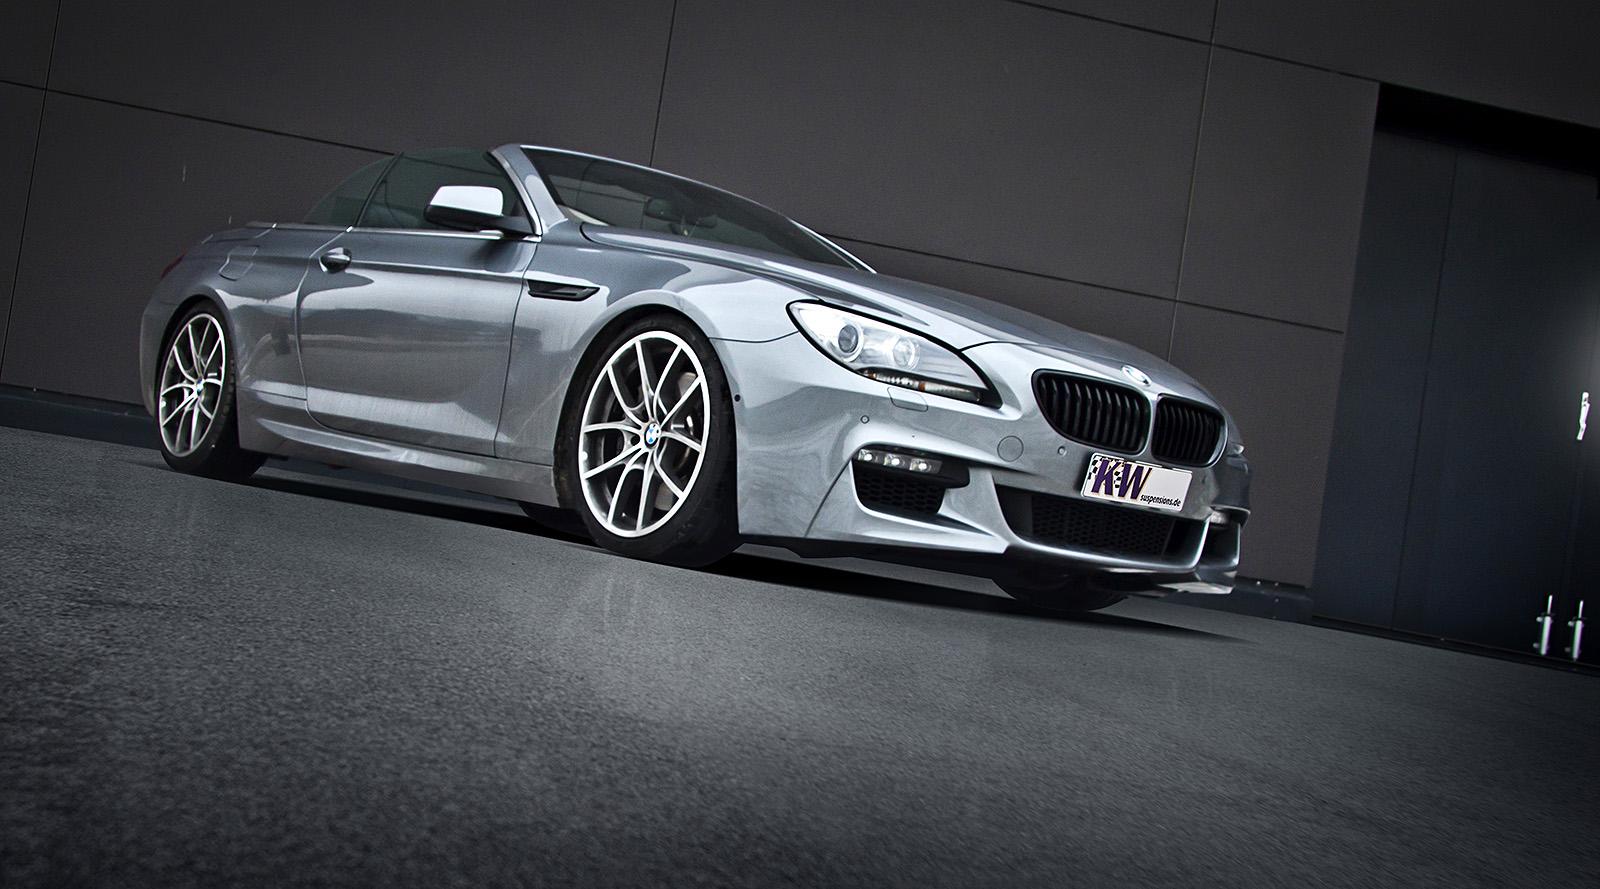 KW_BMW_6er_Typ_F12_Cabrio_1